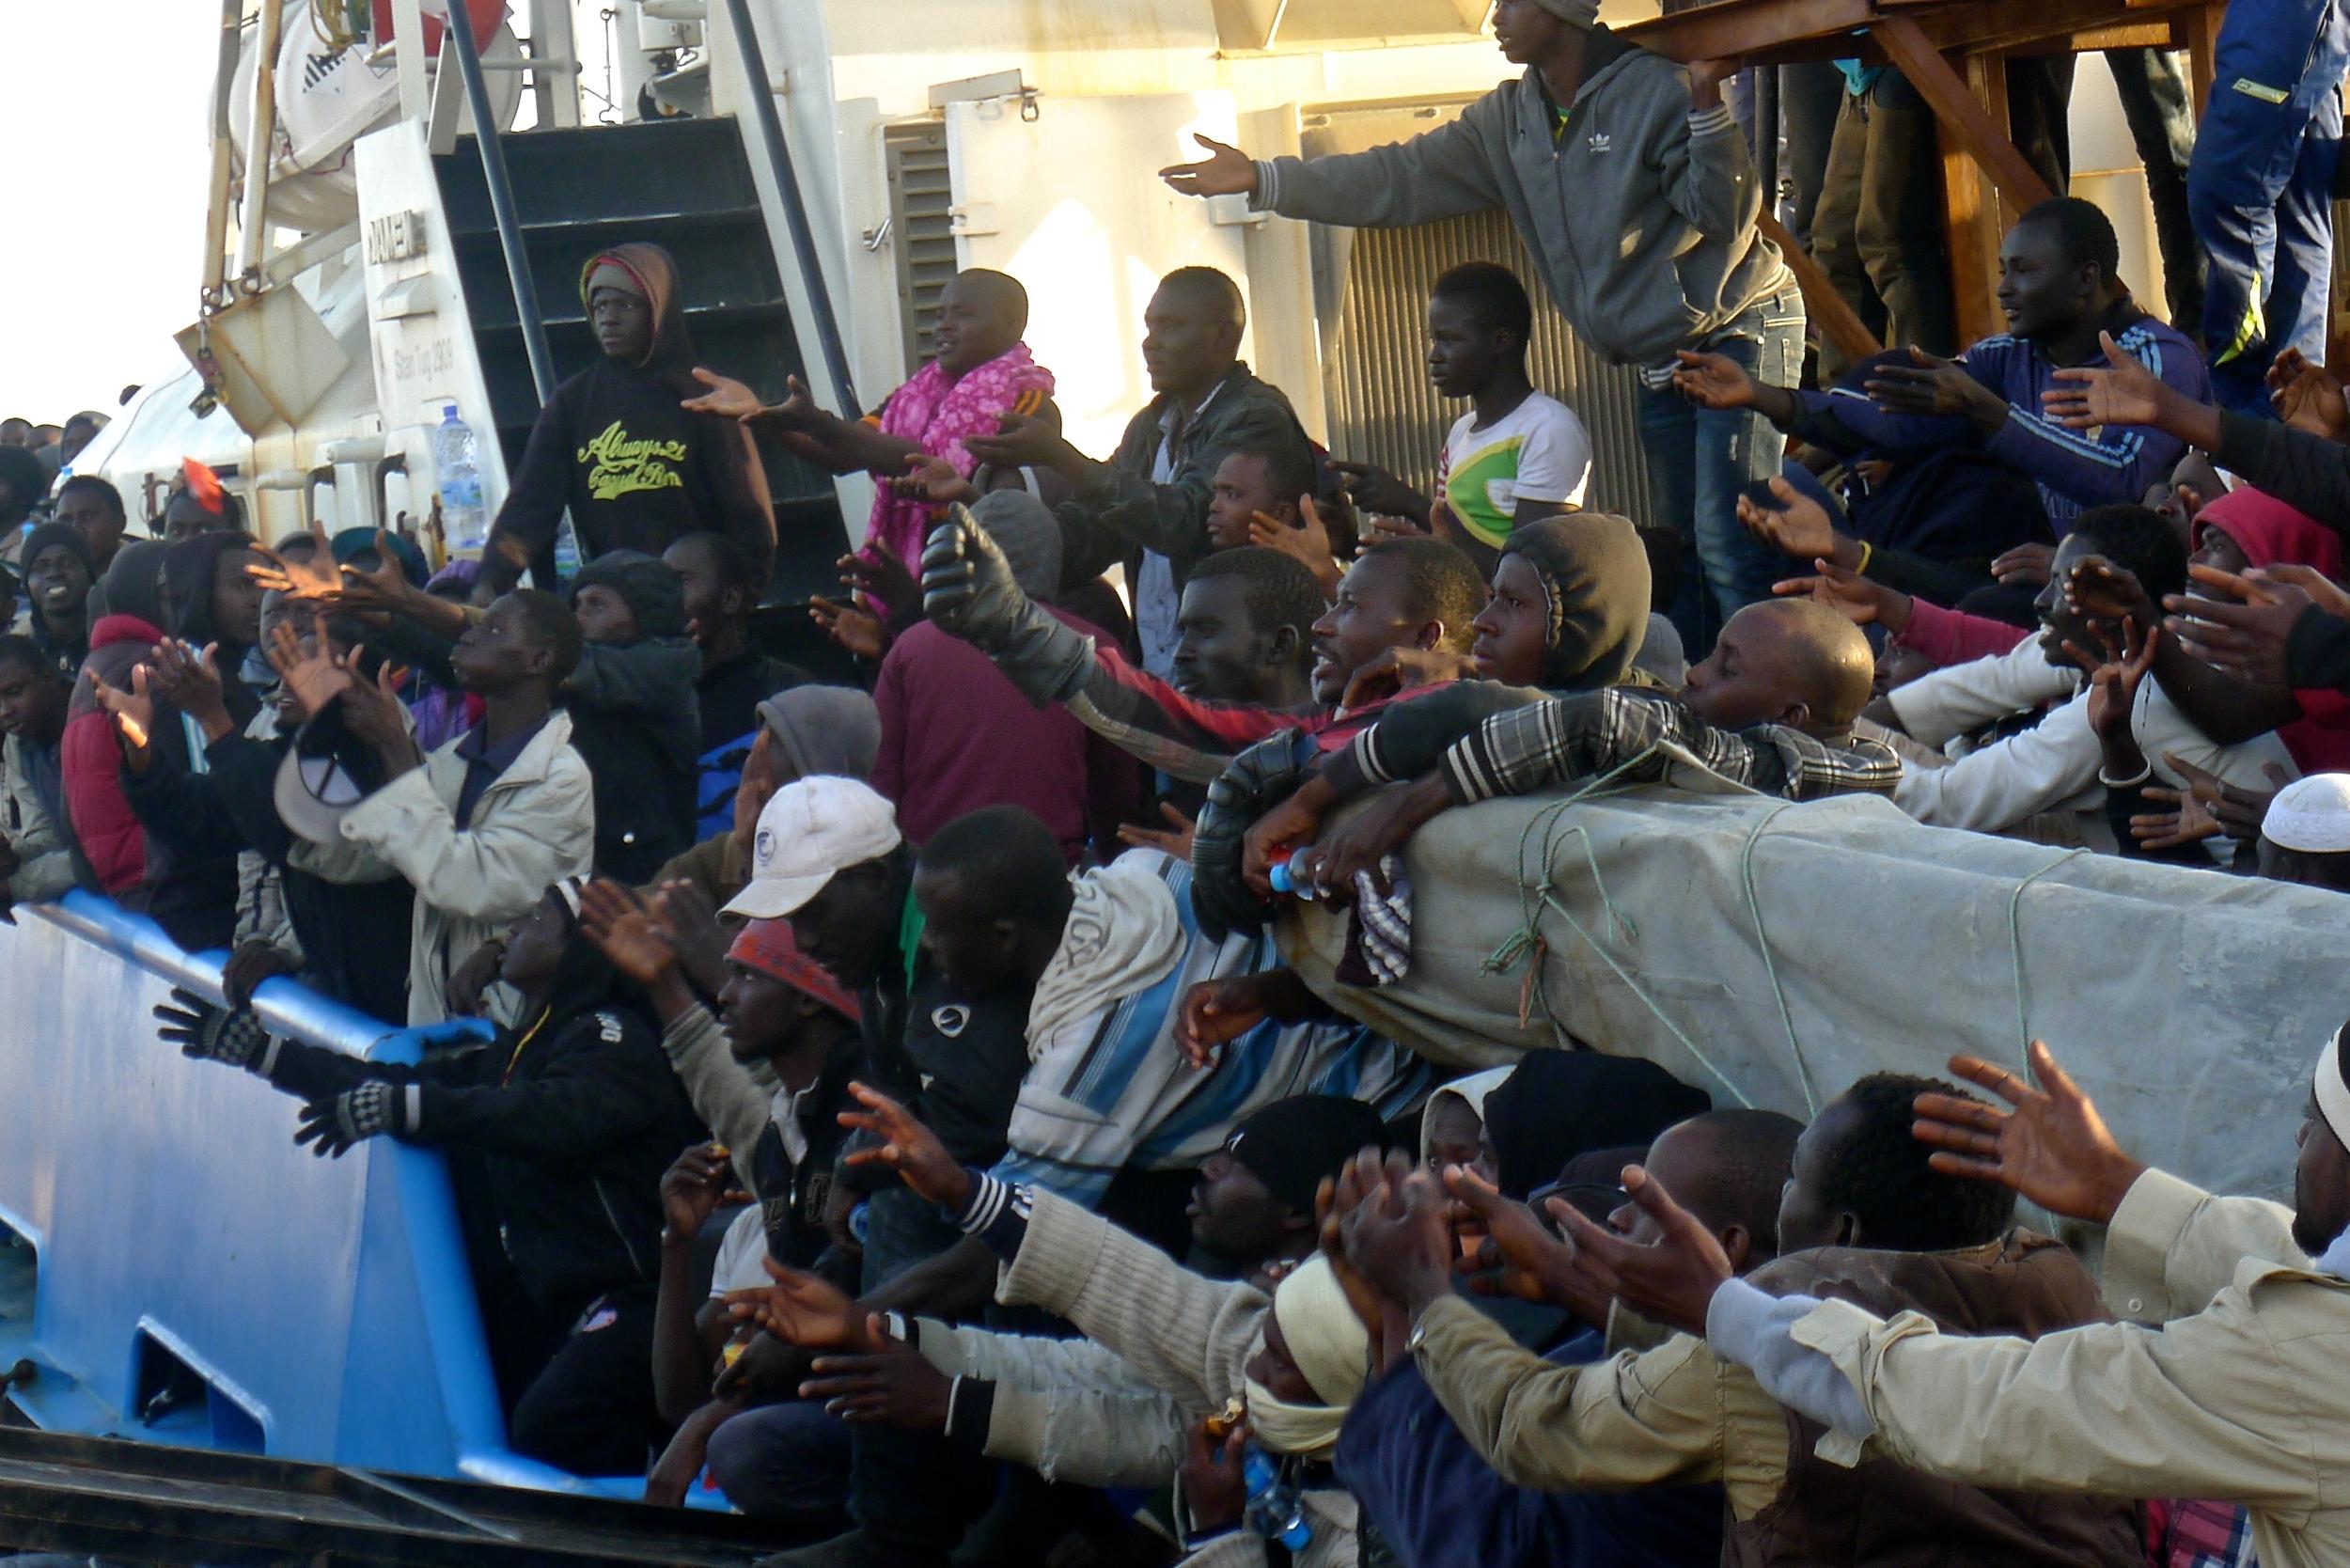 Plus de 400 migrants interceptés par les gardes-côte de Misrata alors qu'ils voyageaient dans quatre bateaux pneumatiques tendent les bras pour attraper des bouteilles d'eau qui leur sont jetées depuis la rive. Nombre d'entre eux ont ensuite été transférés au centre de rétention de Krareem.